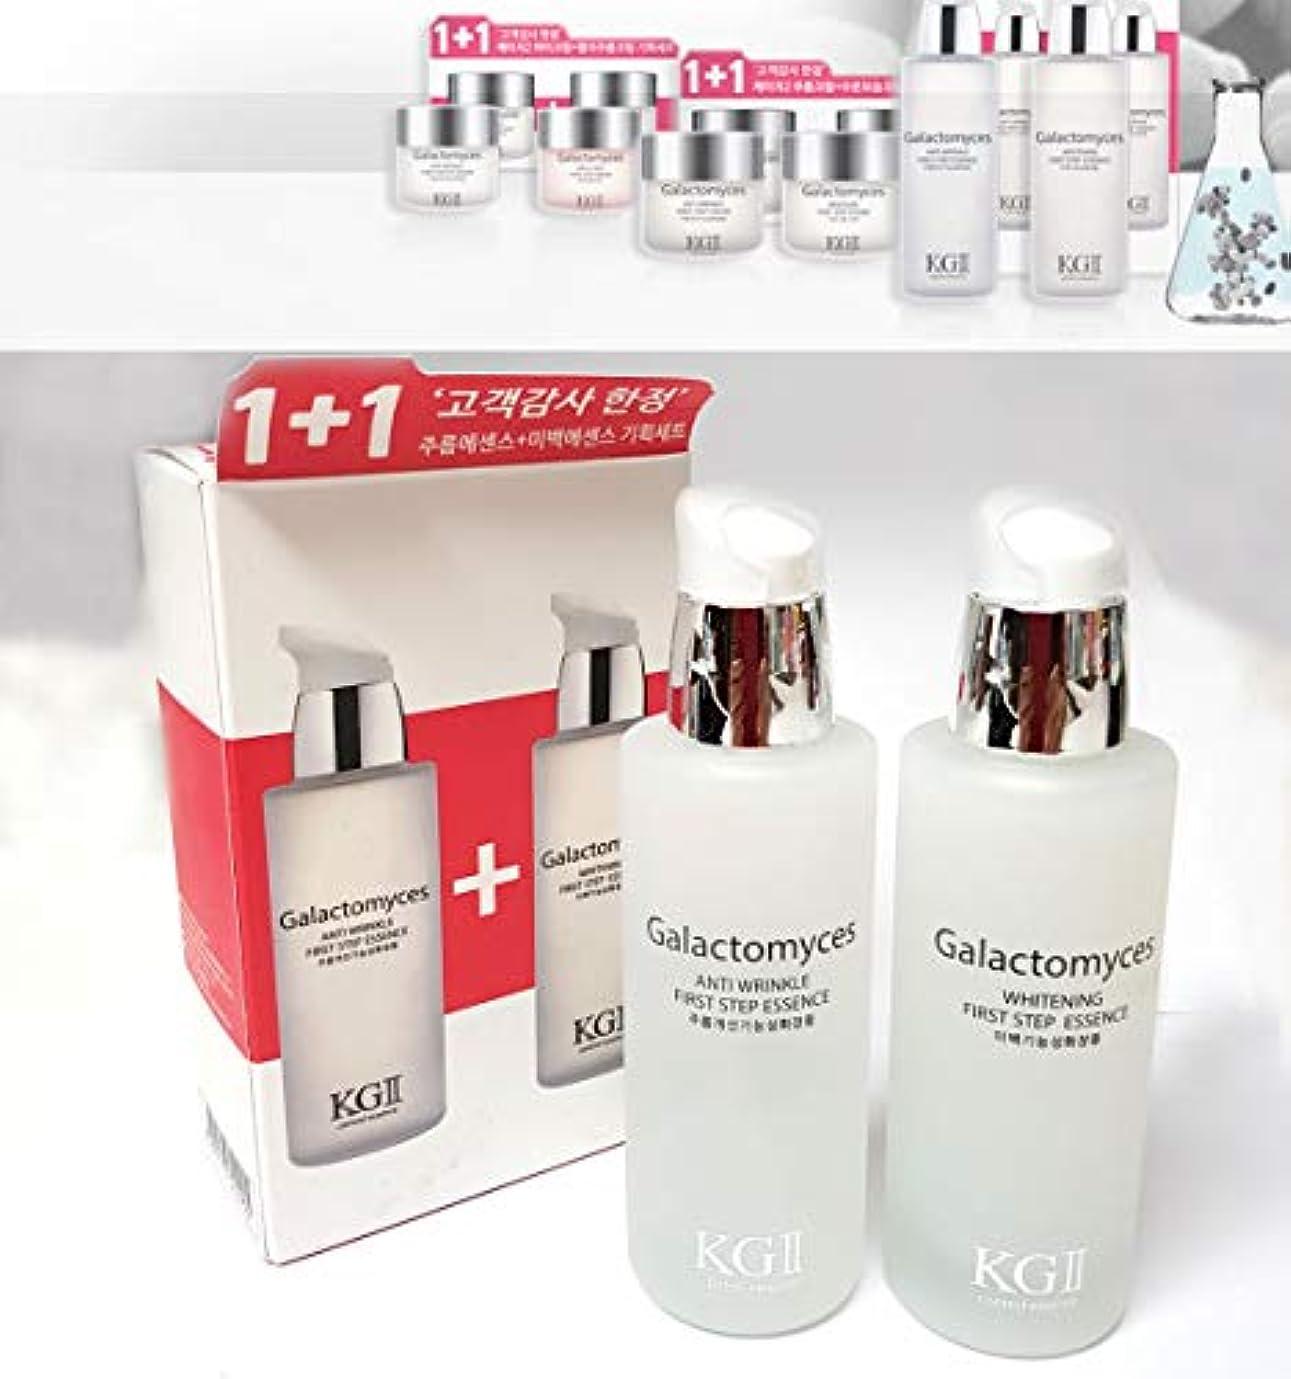 石鹸メアリアンジョーンズ発行[KG2] ガラクトミセスファーストステップリンクルエッセンス+ホワイトニングエッセンスセット(50ml + 50ml) / Galactomyces First Step Wrinkle Essence + Whitening...